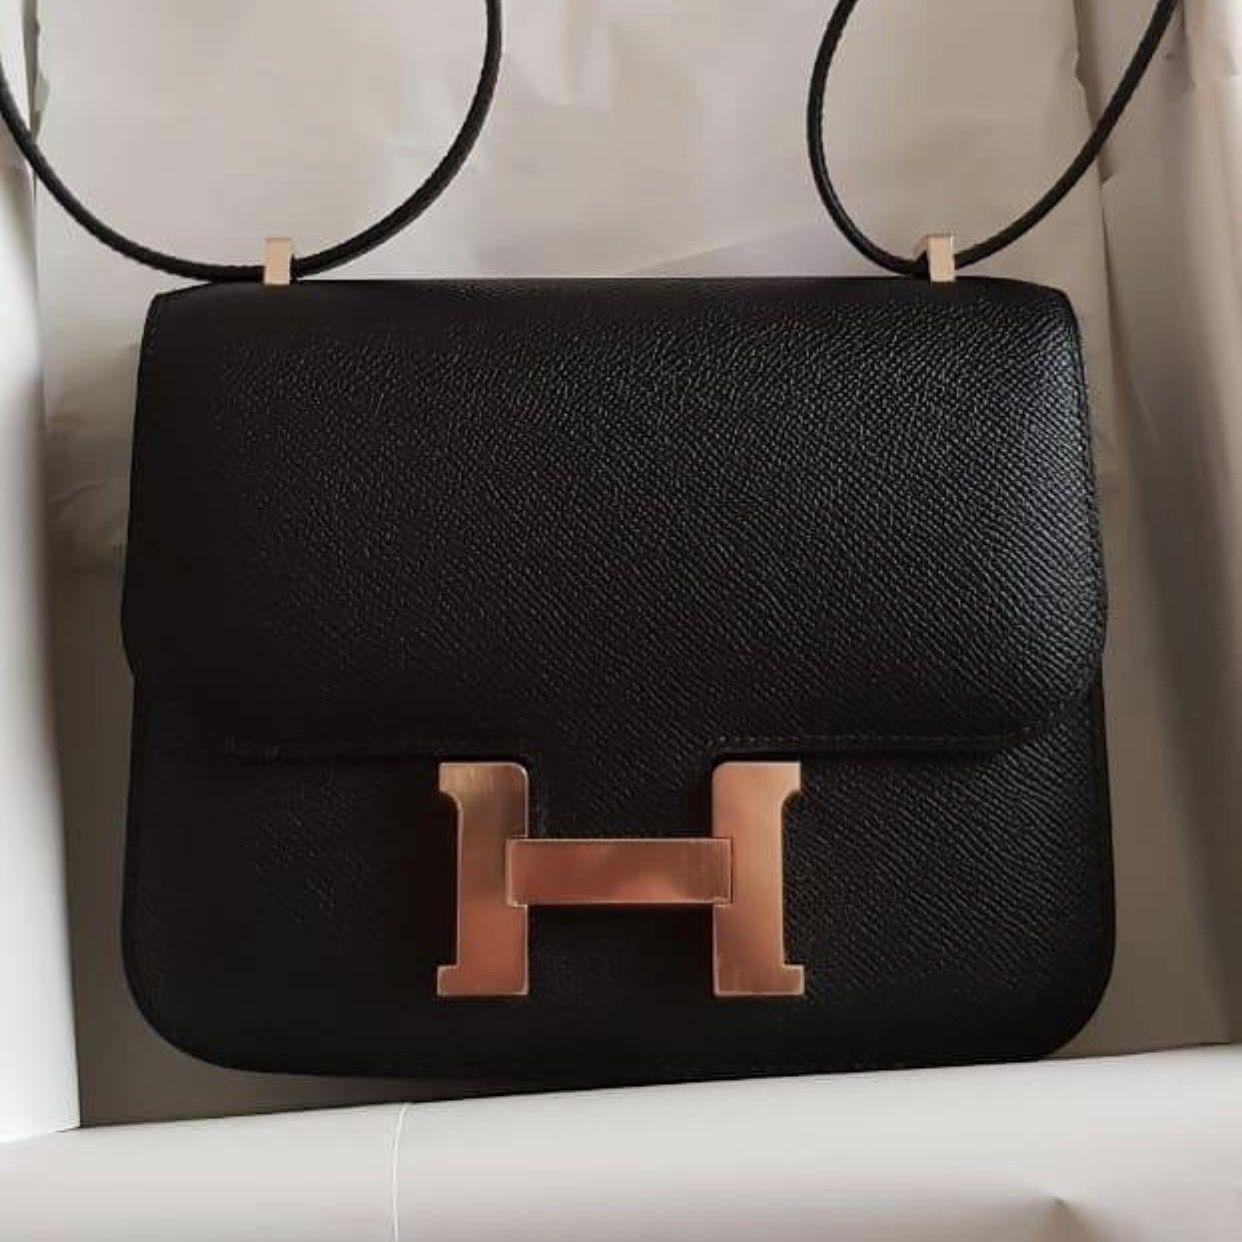 2d515eaf2fc9 Hermès Constance 18 Noir (Black) Epsom Rose Gold Hardware RGHW C Stamp 2018